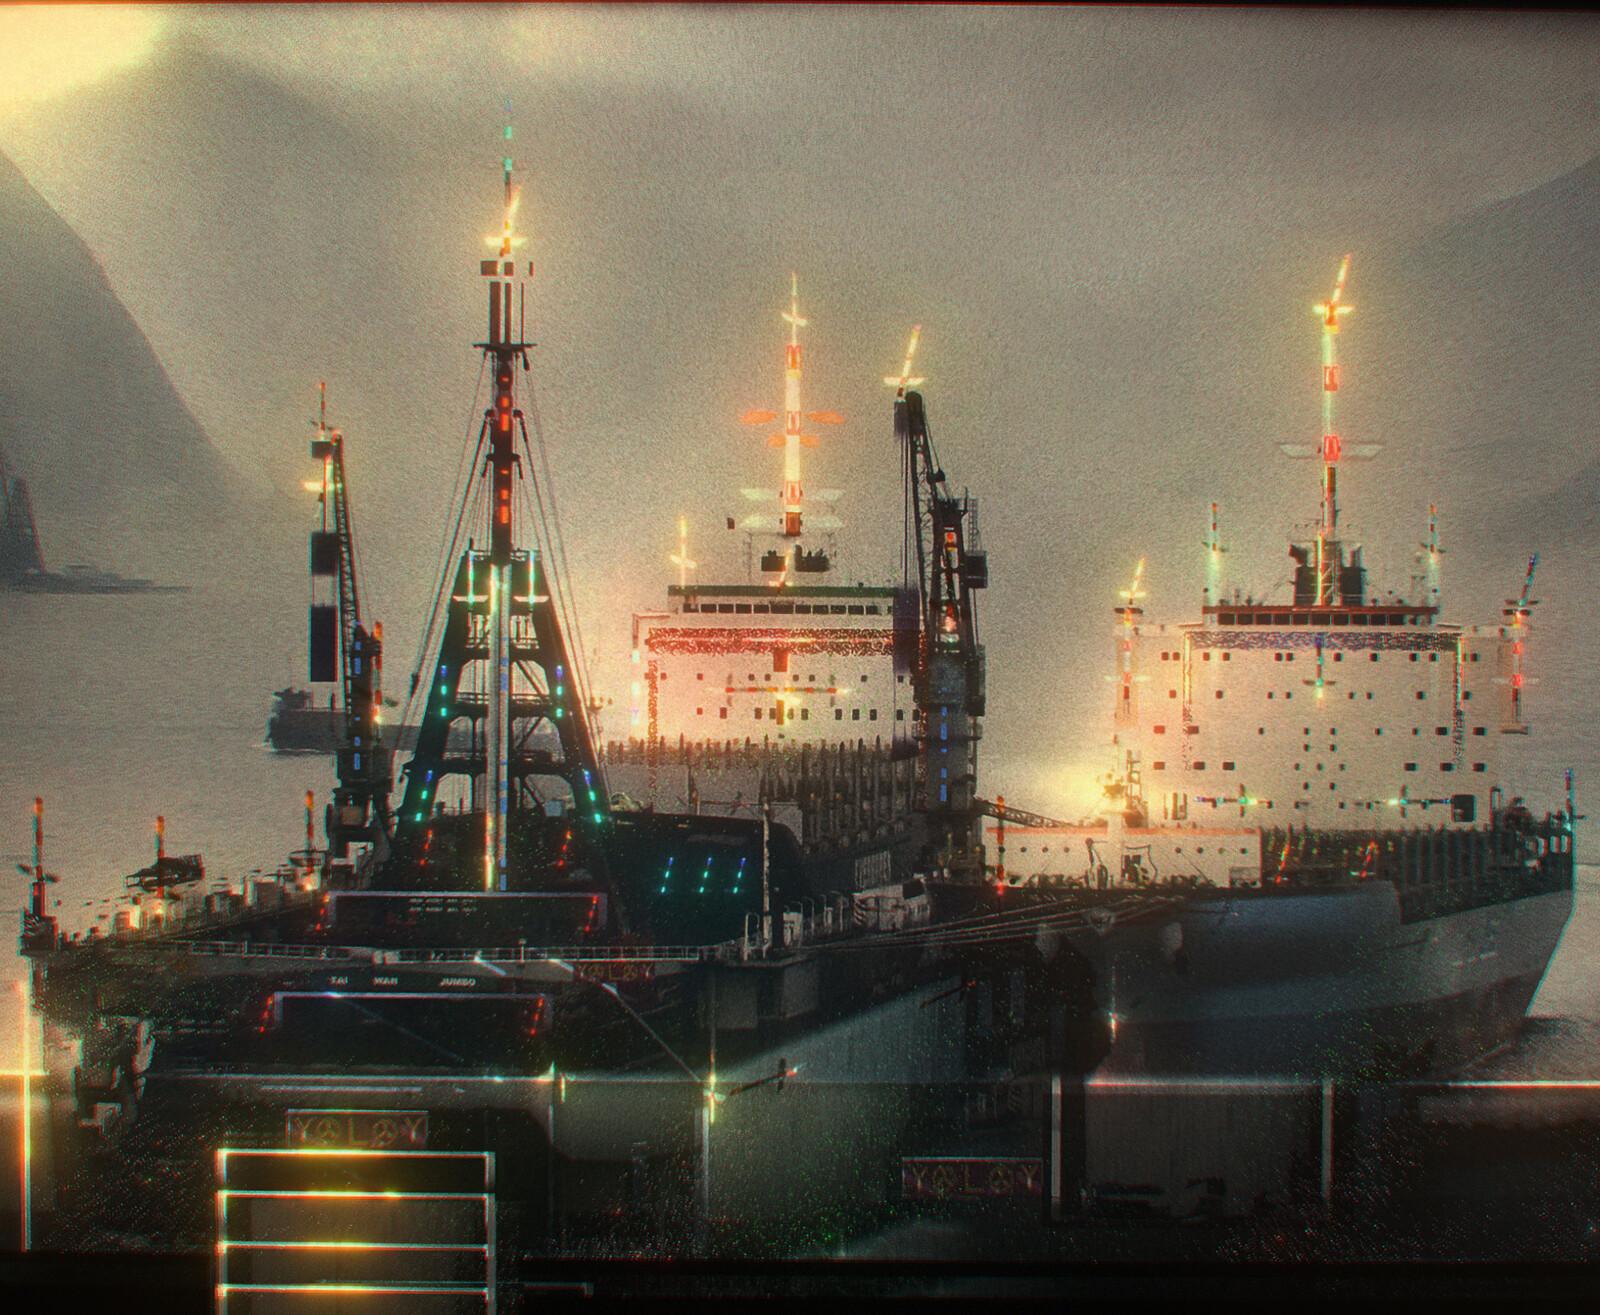 MORDOR SHIP (Drunken Whaler)